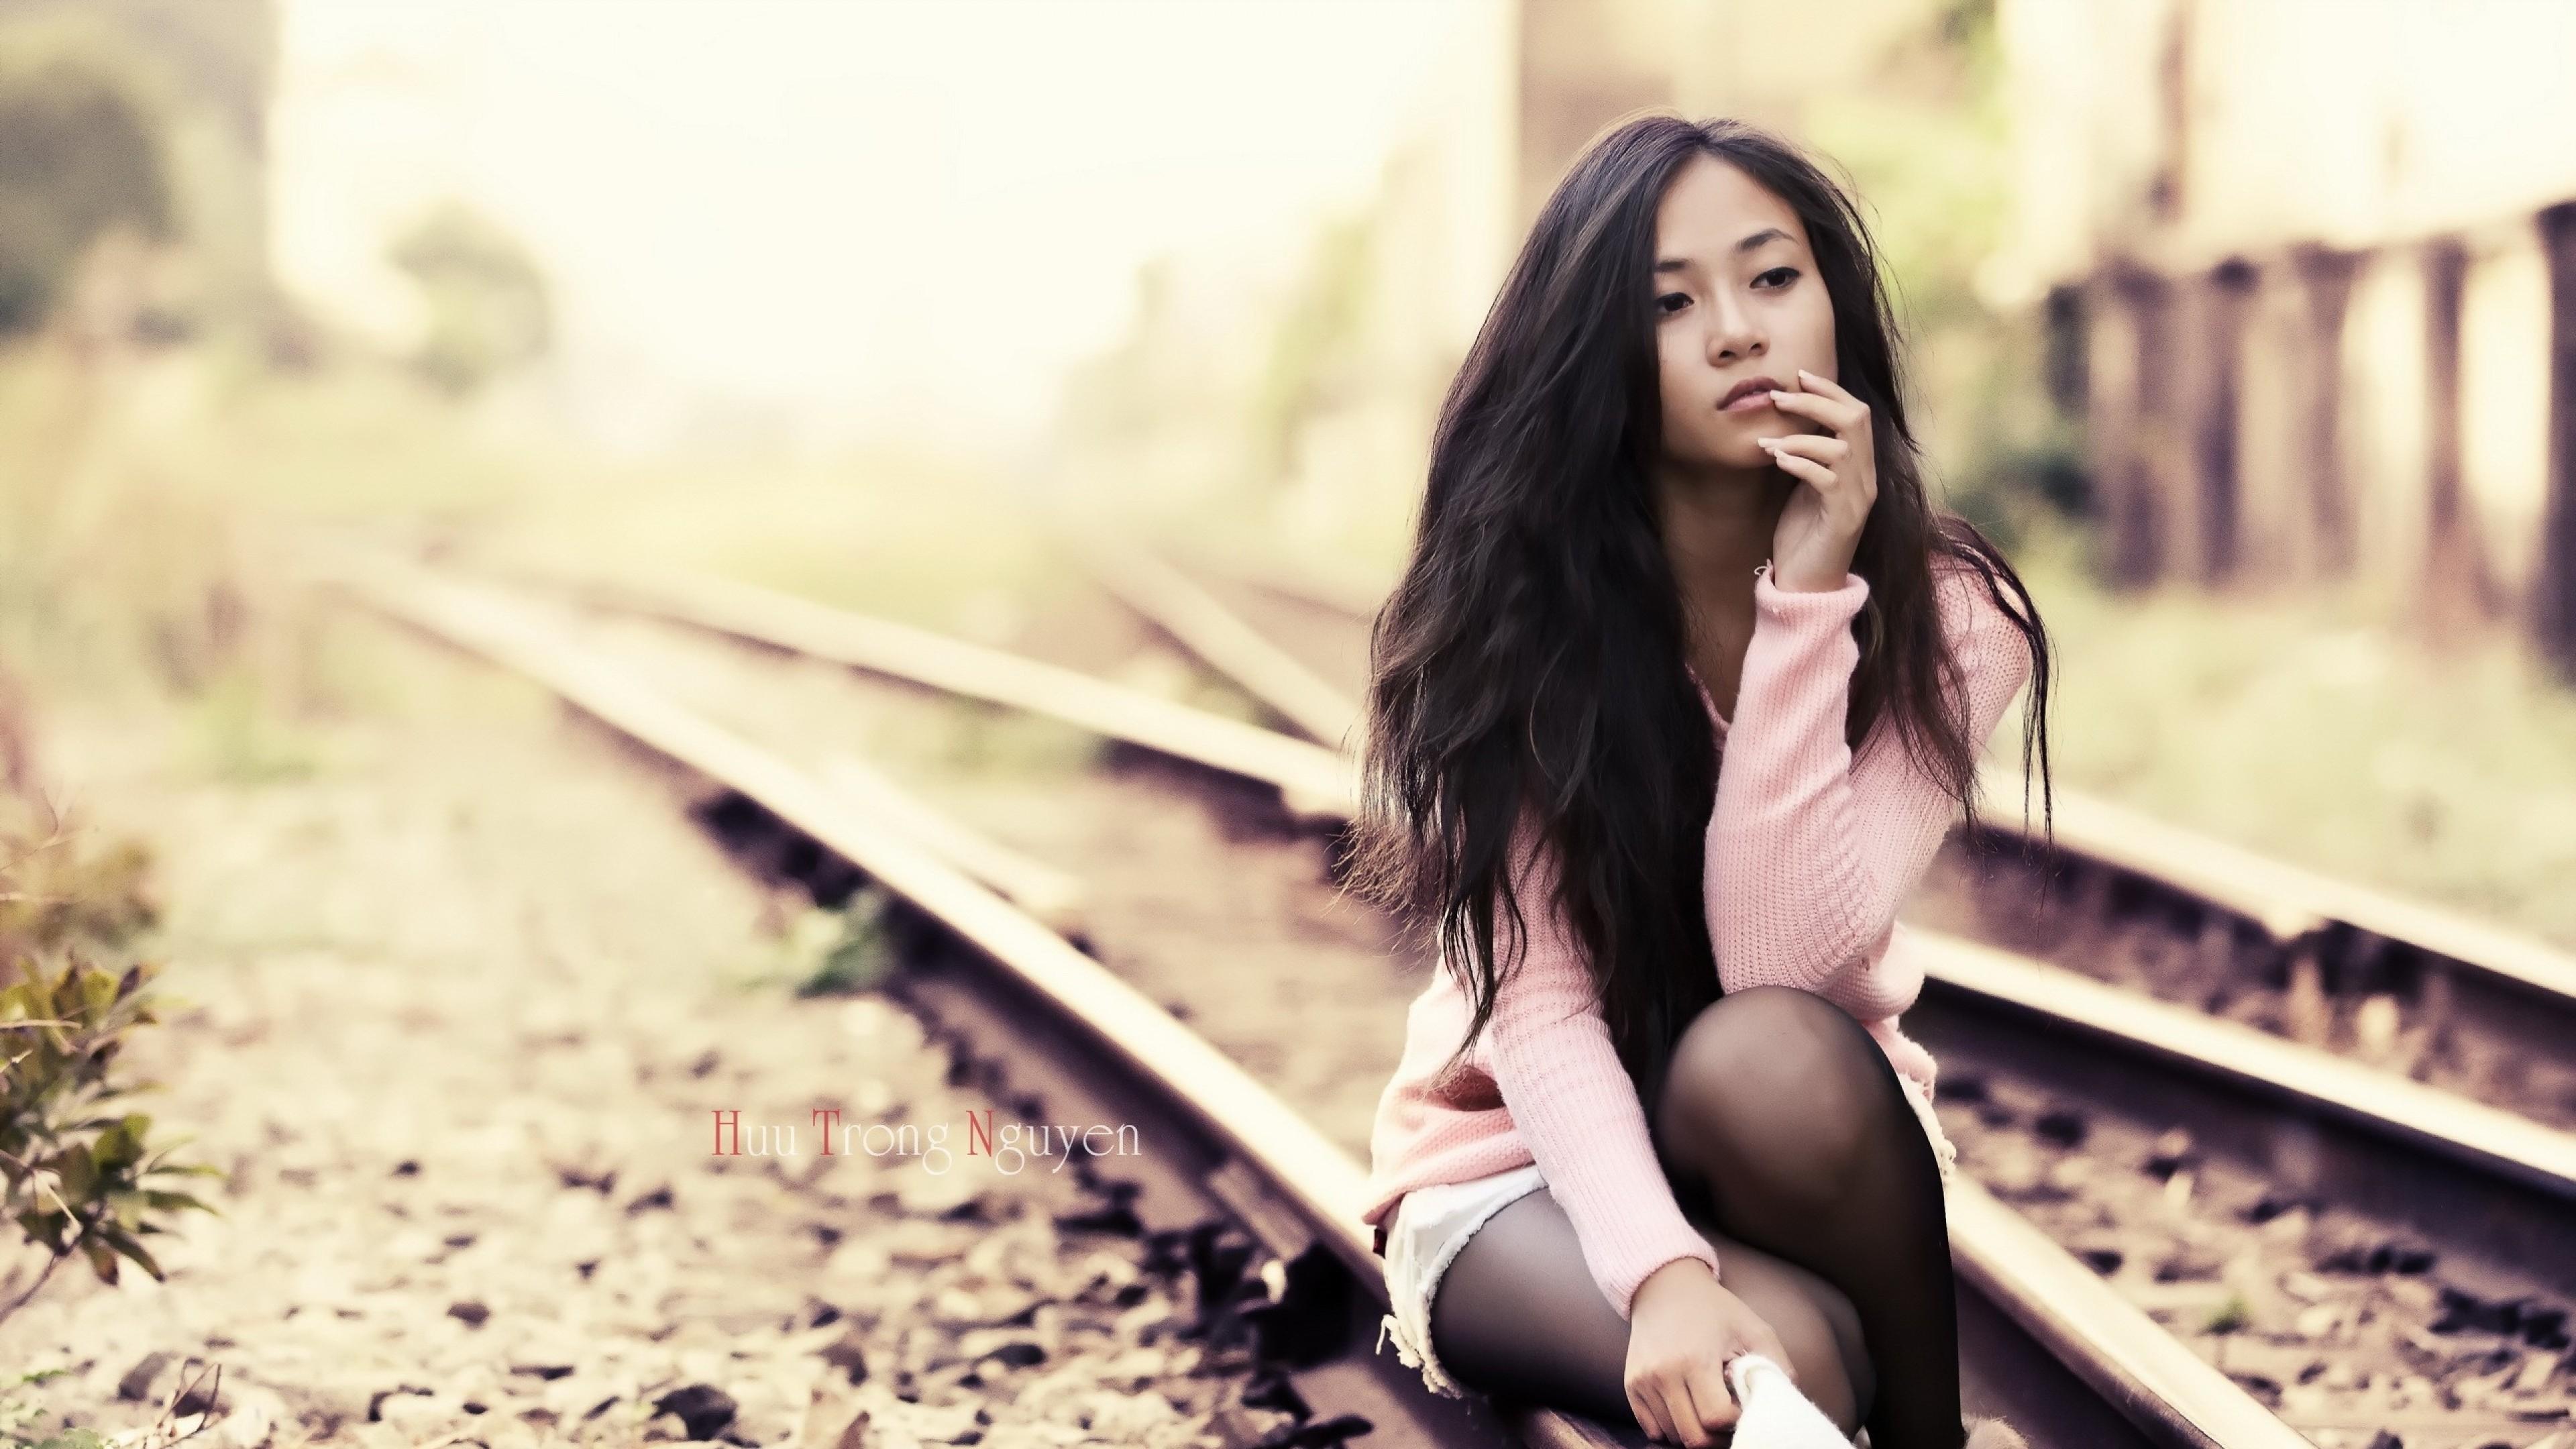 Wallpaper asian, railway, model, style